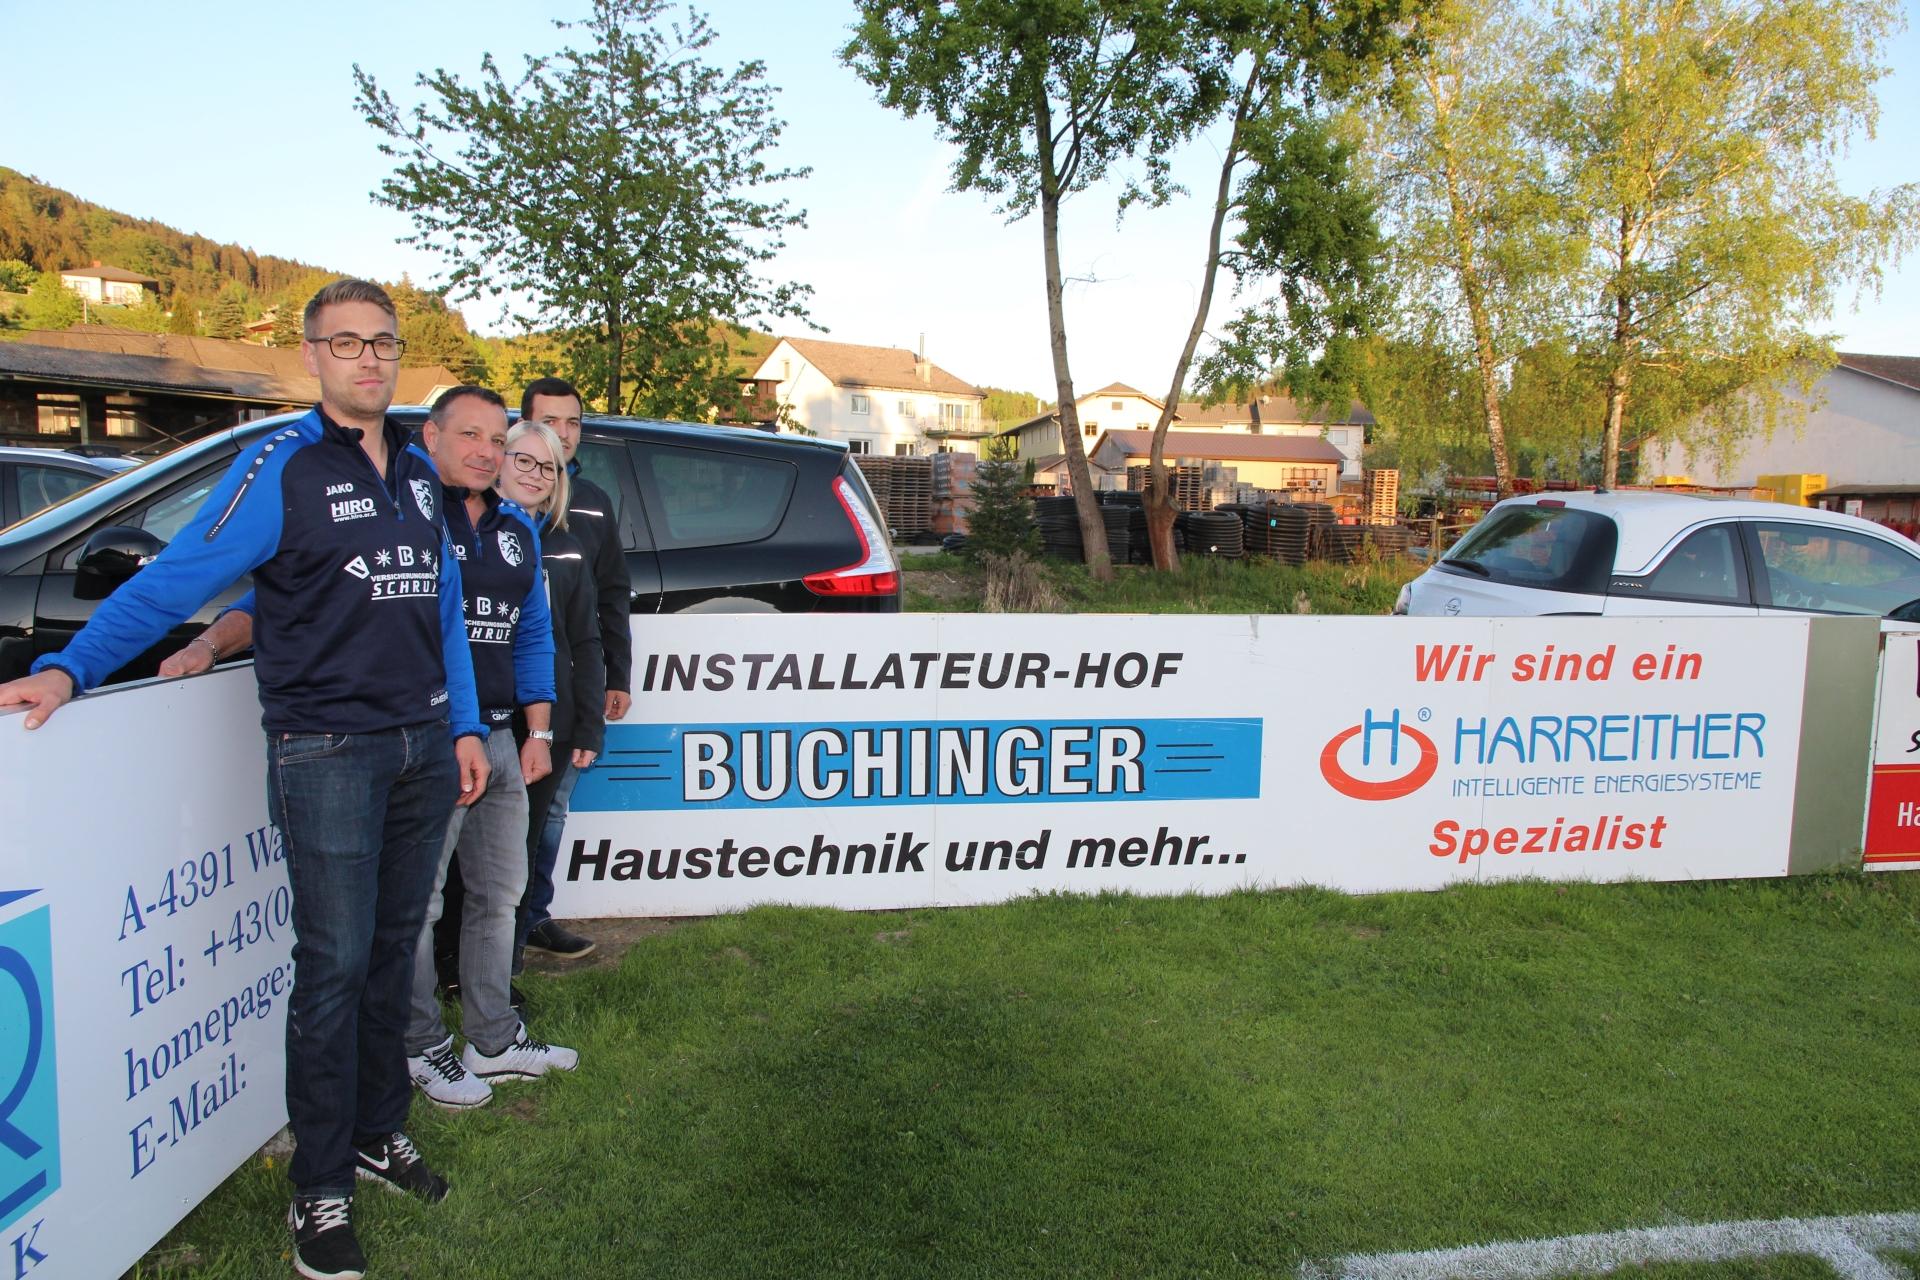 Buchinger_1